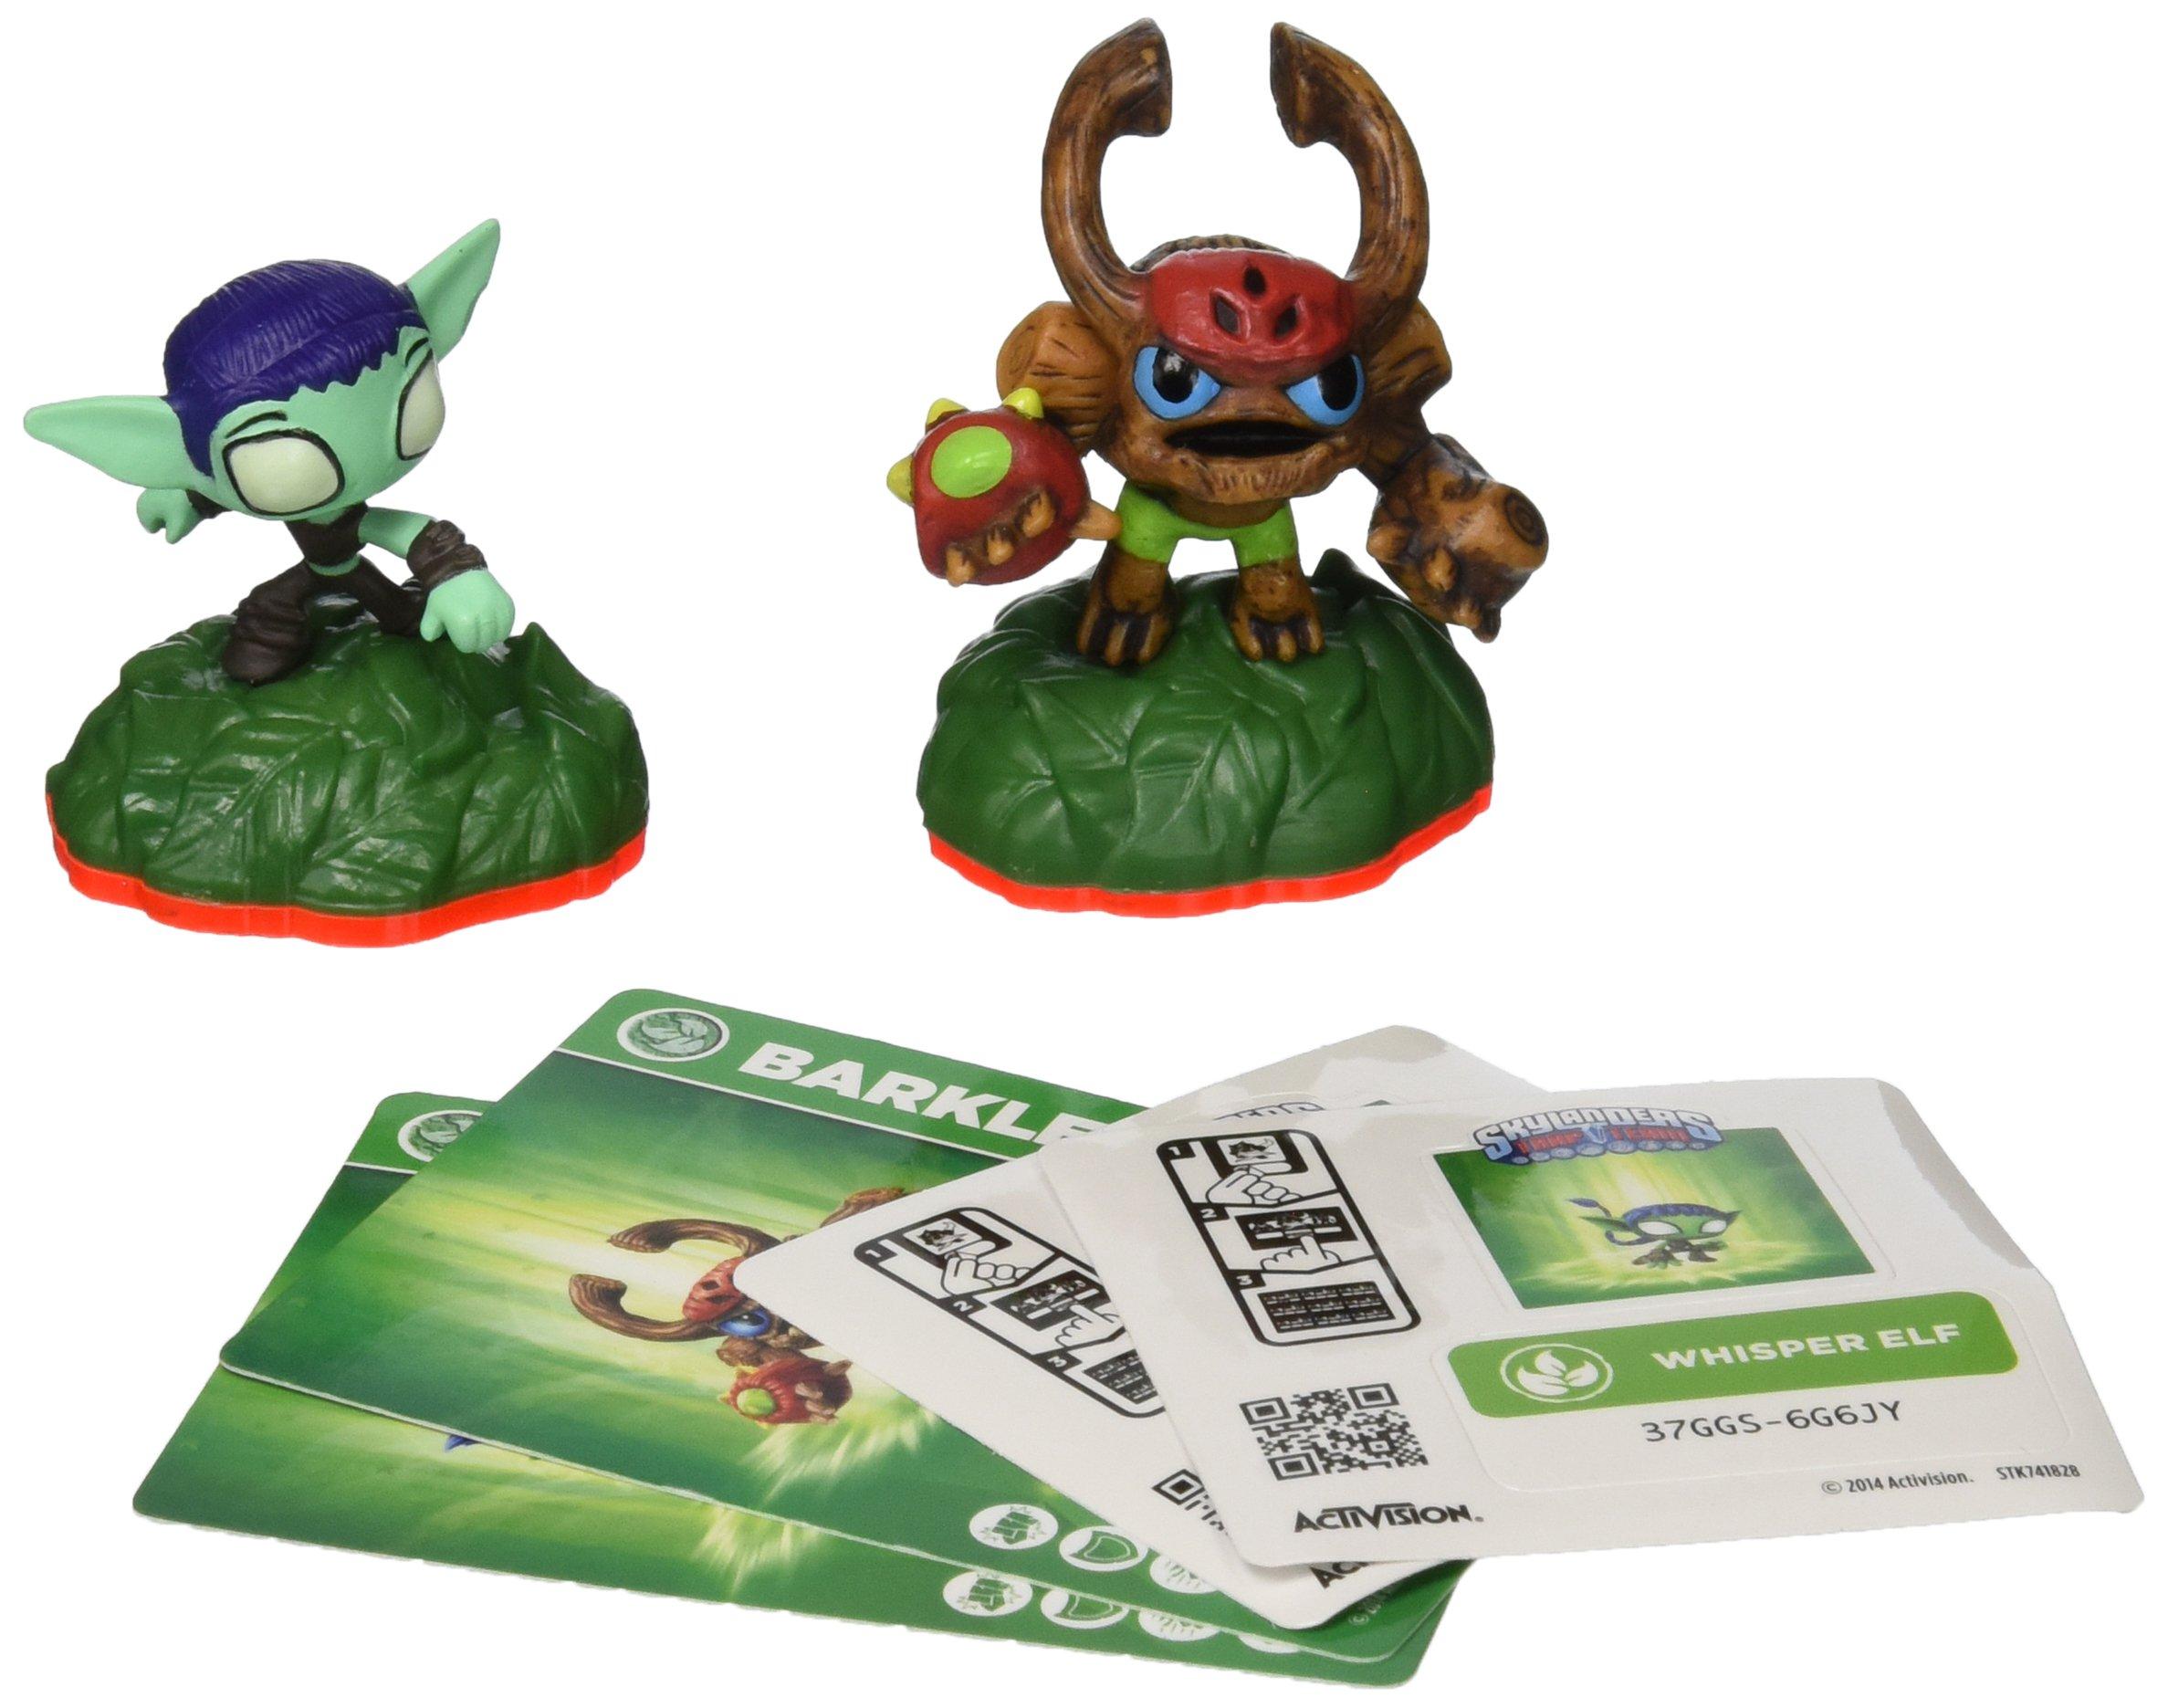 Skylanders Trap Team: Whisper Elf & Barkley - Mini Character 2 Pack